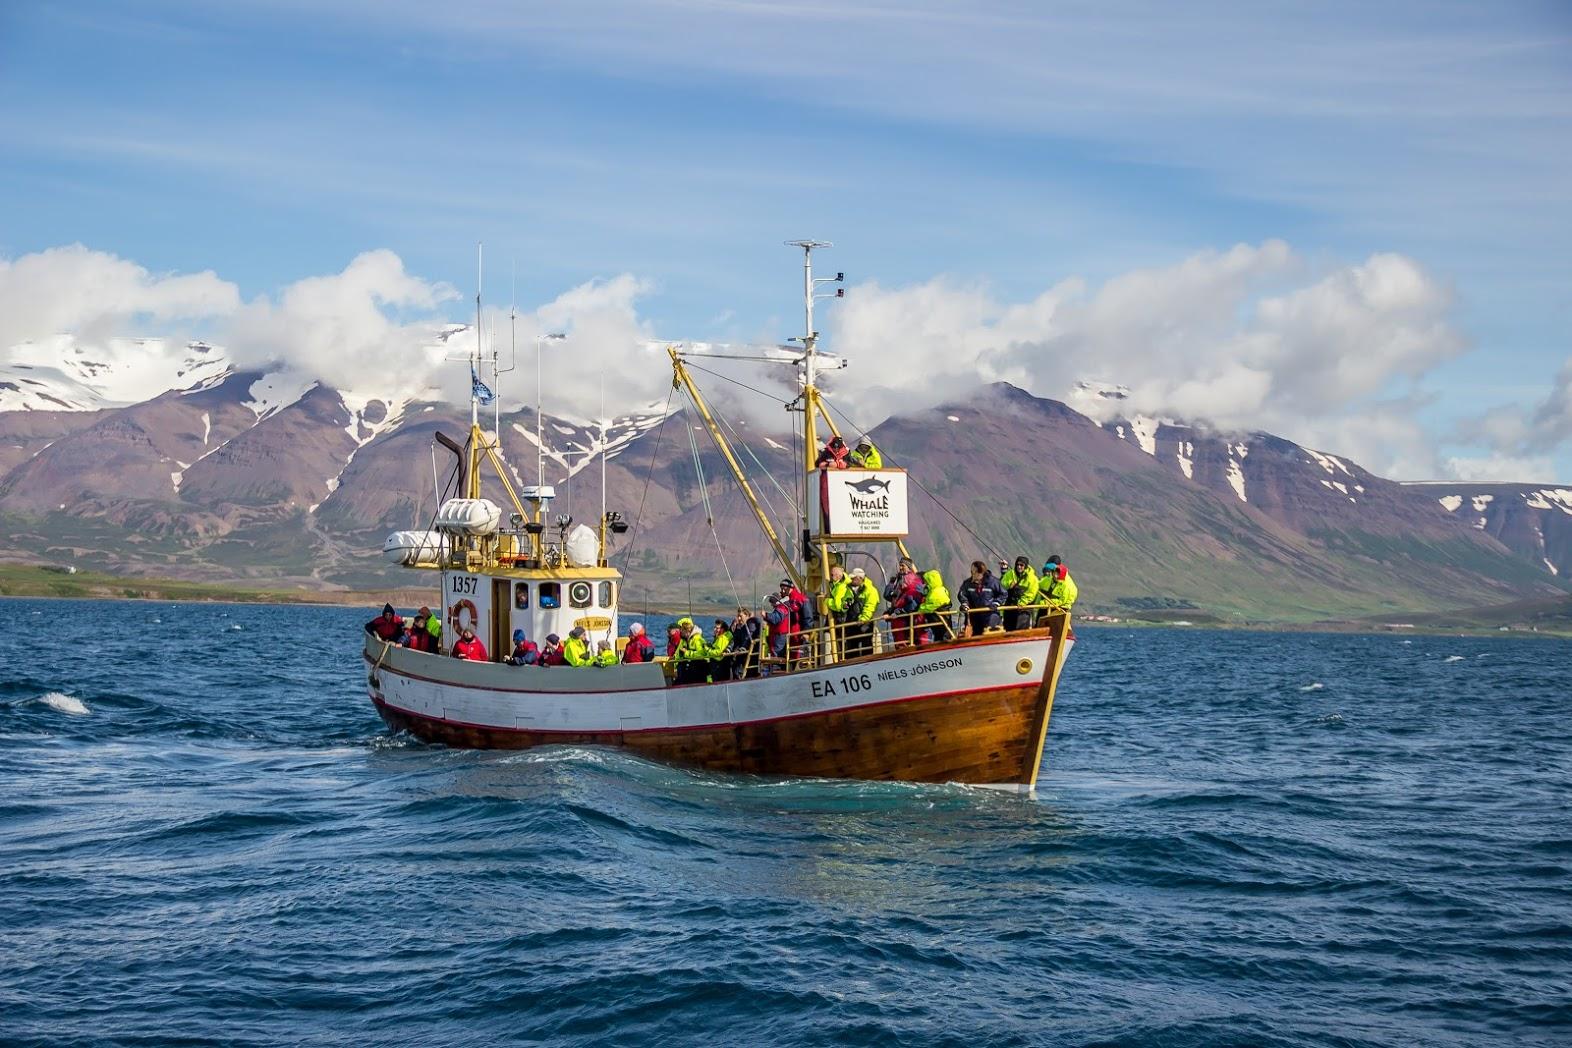 아이슬란드 북부는 고래관측을 즐기기에 좋은 장소로, 최고로 높은 성공률을 자랑하는 곳입니다.